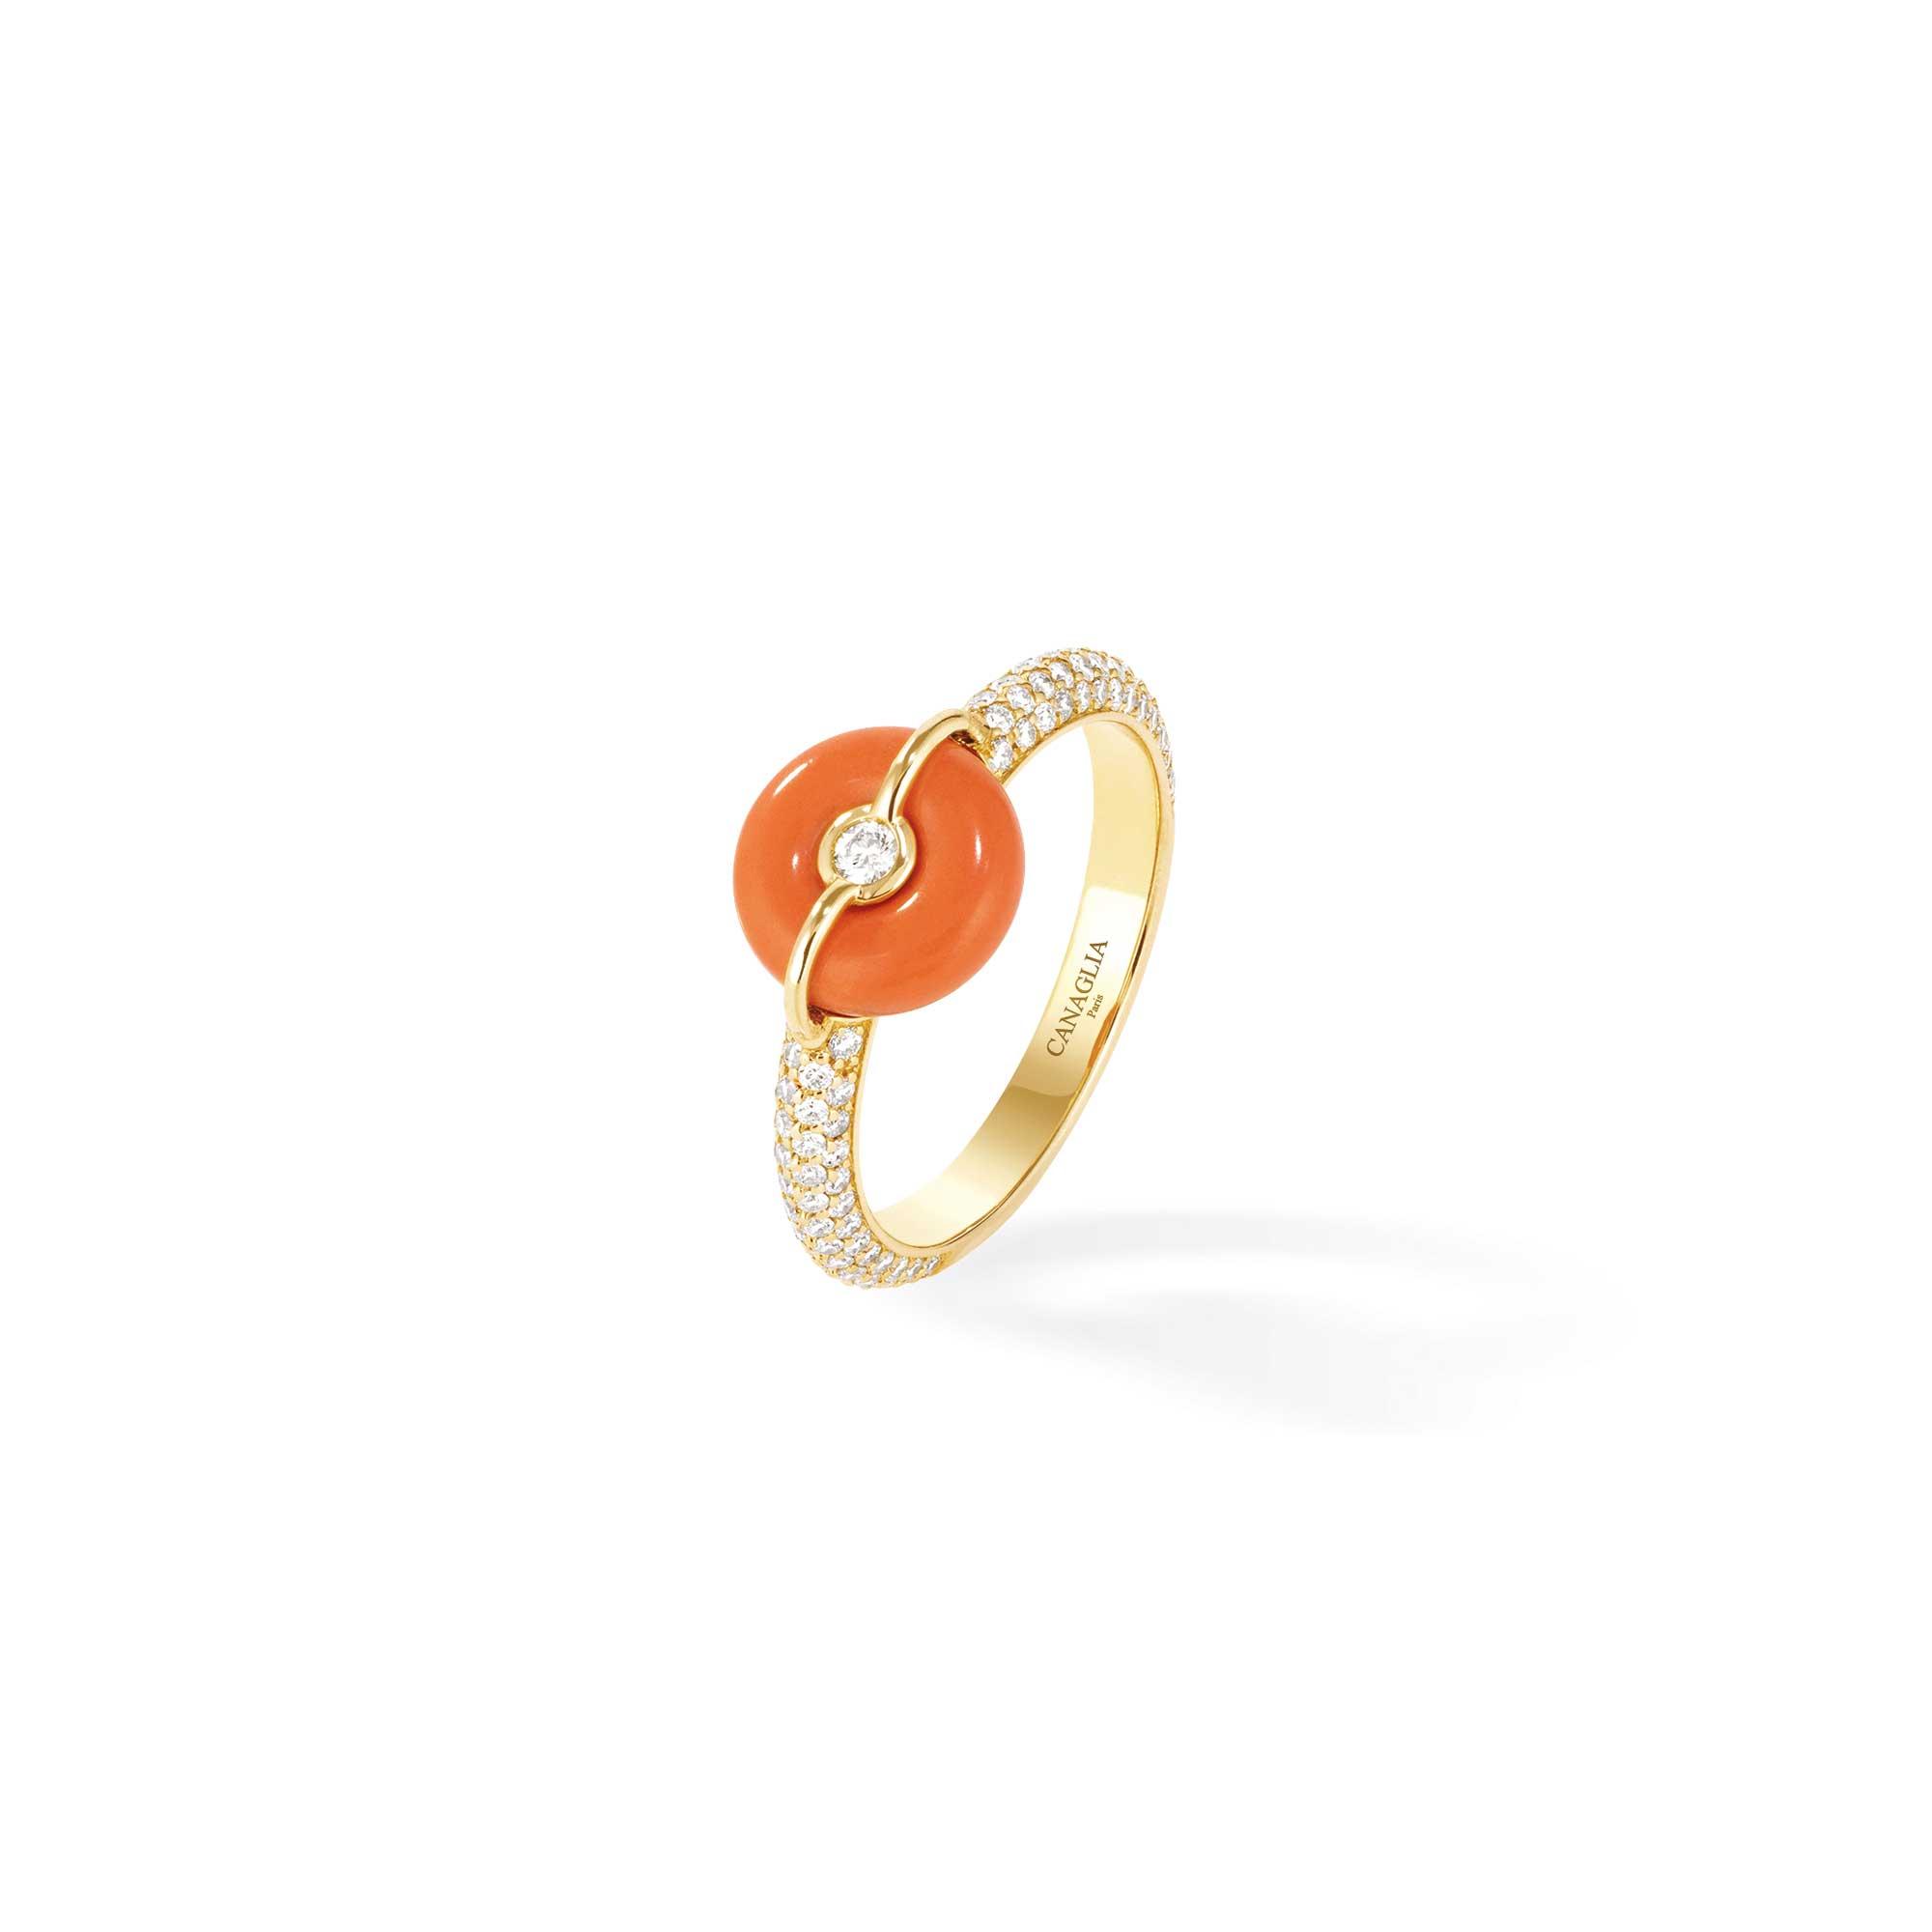 Bague jonc or jaune, corail, pavage diamants - Joaillerie Canaglia Paris-Milan